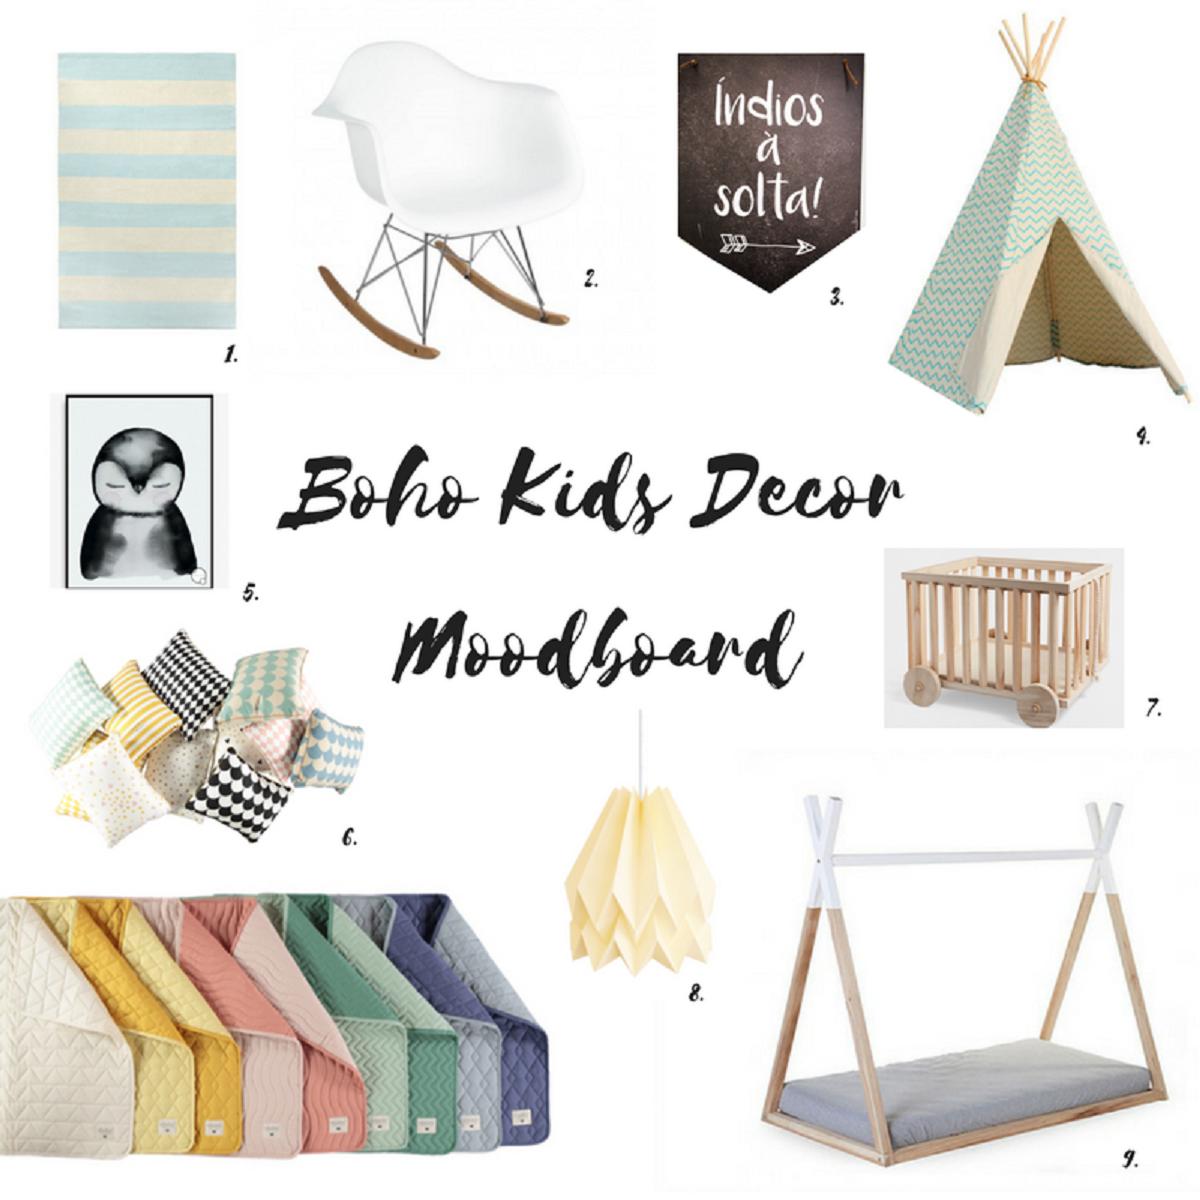 Decoração de quarto de criança: Moodboard 'Boho Kids Decor'